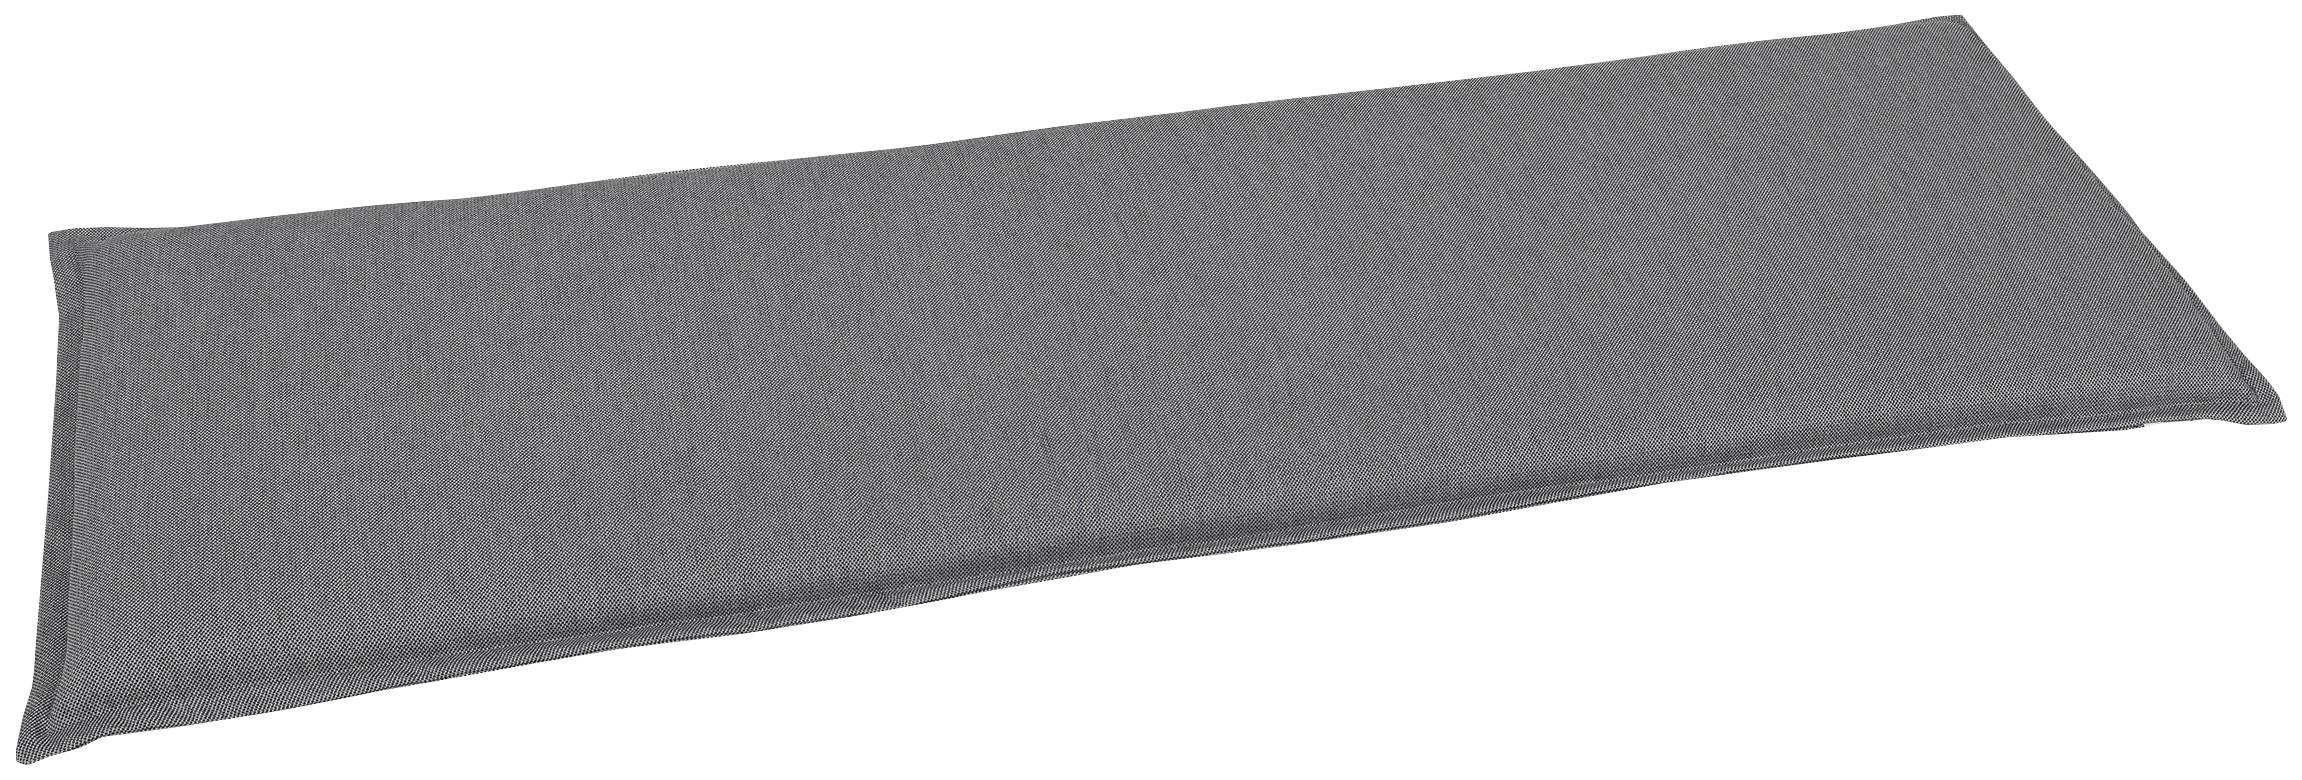 GO-DE Bankauflage, 3 Sitzer grau Bankauflagen Gartenmöbel-Auflagen Gartenmöbel Gartendeko Bankauflage